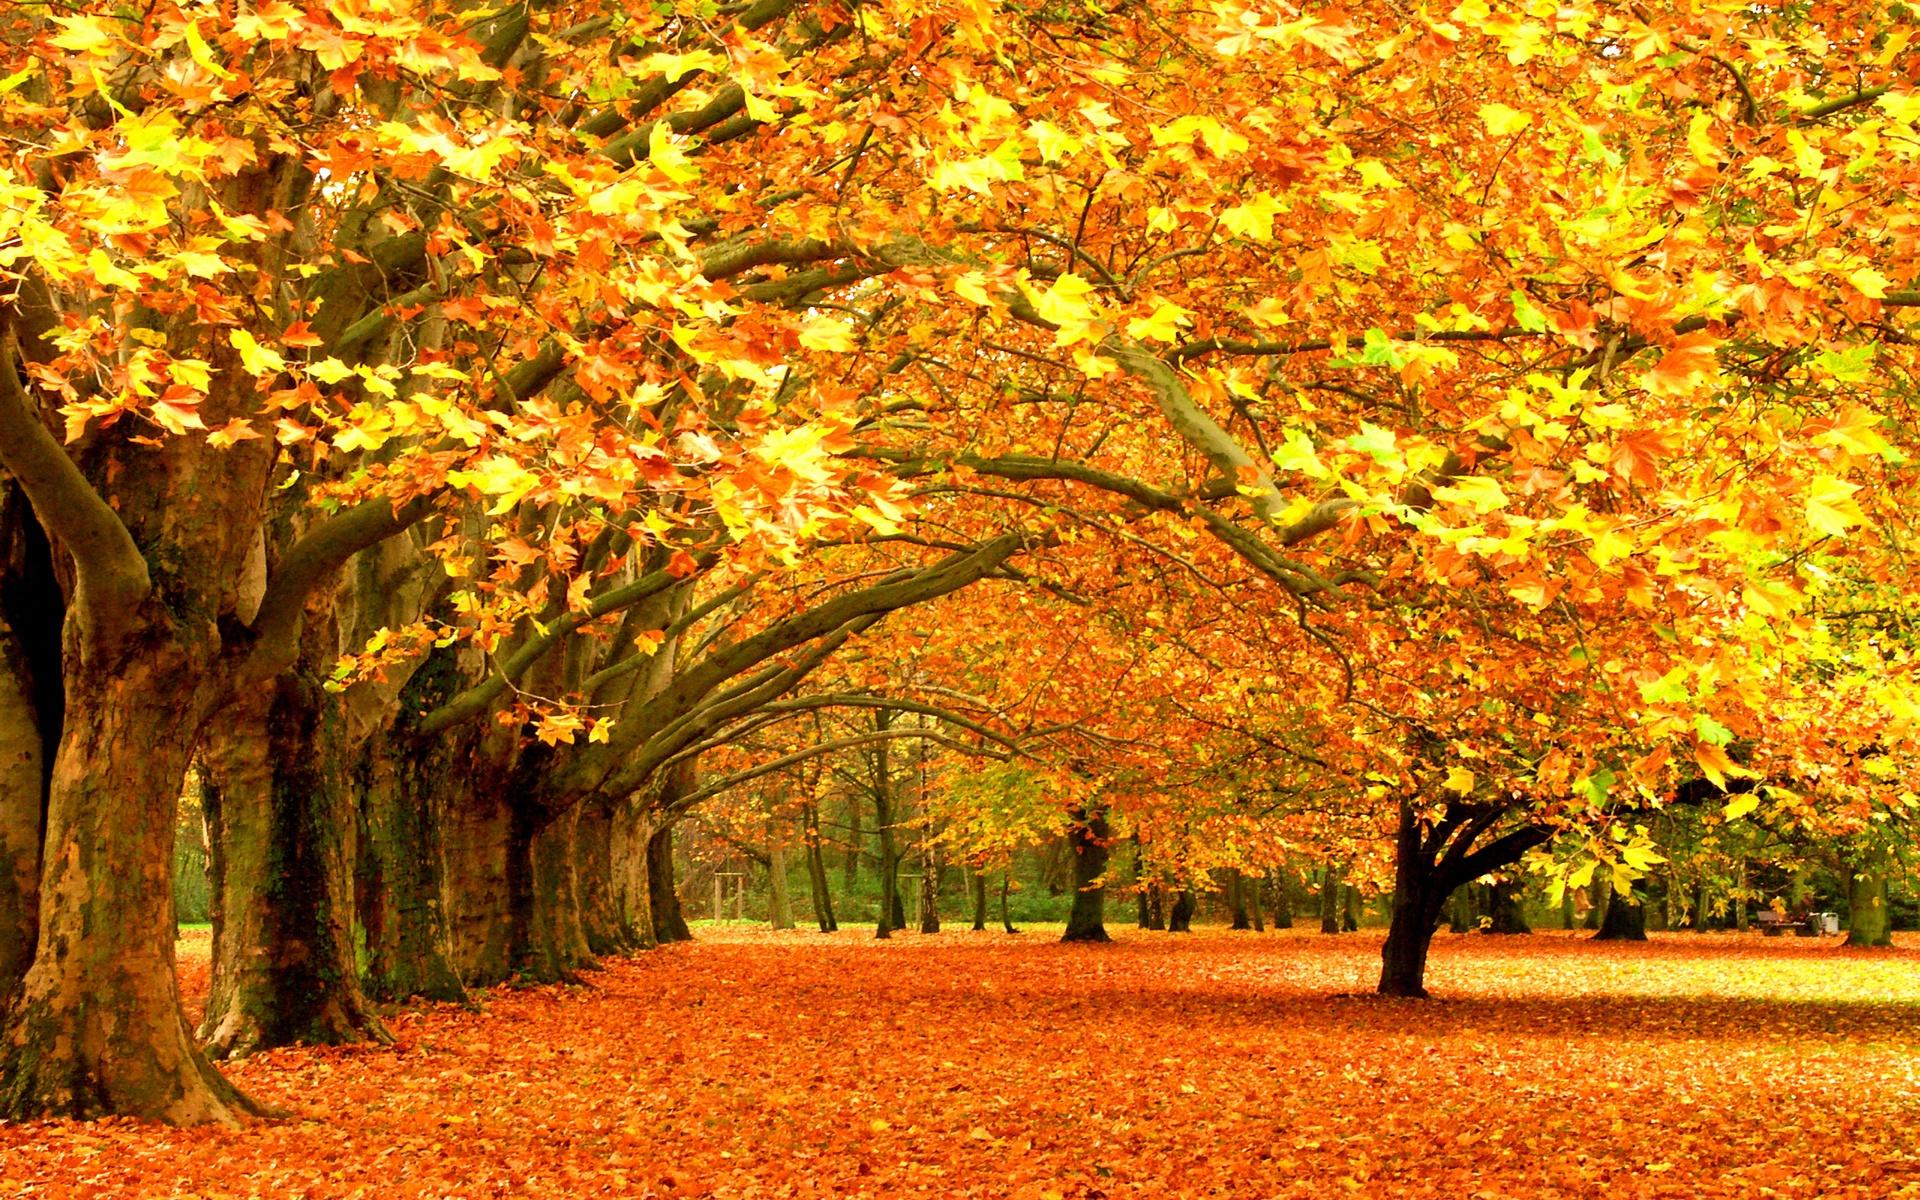 Autumn Desktop Backgrounds Hd Sf Wallpaper